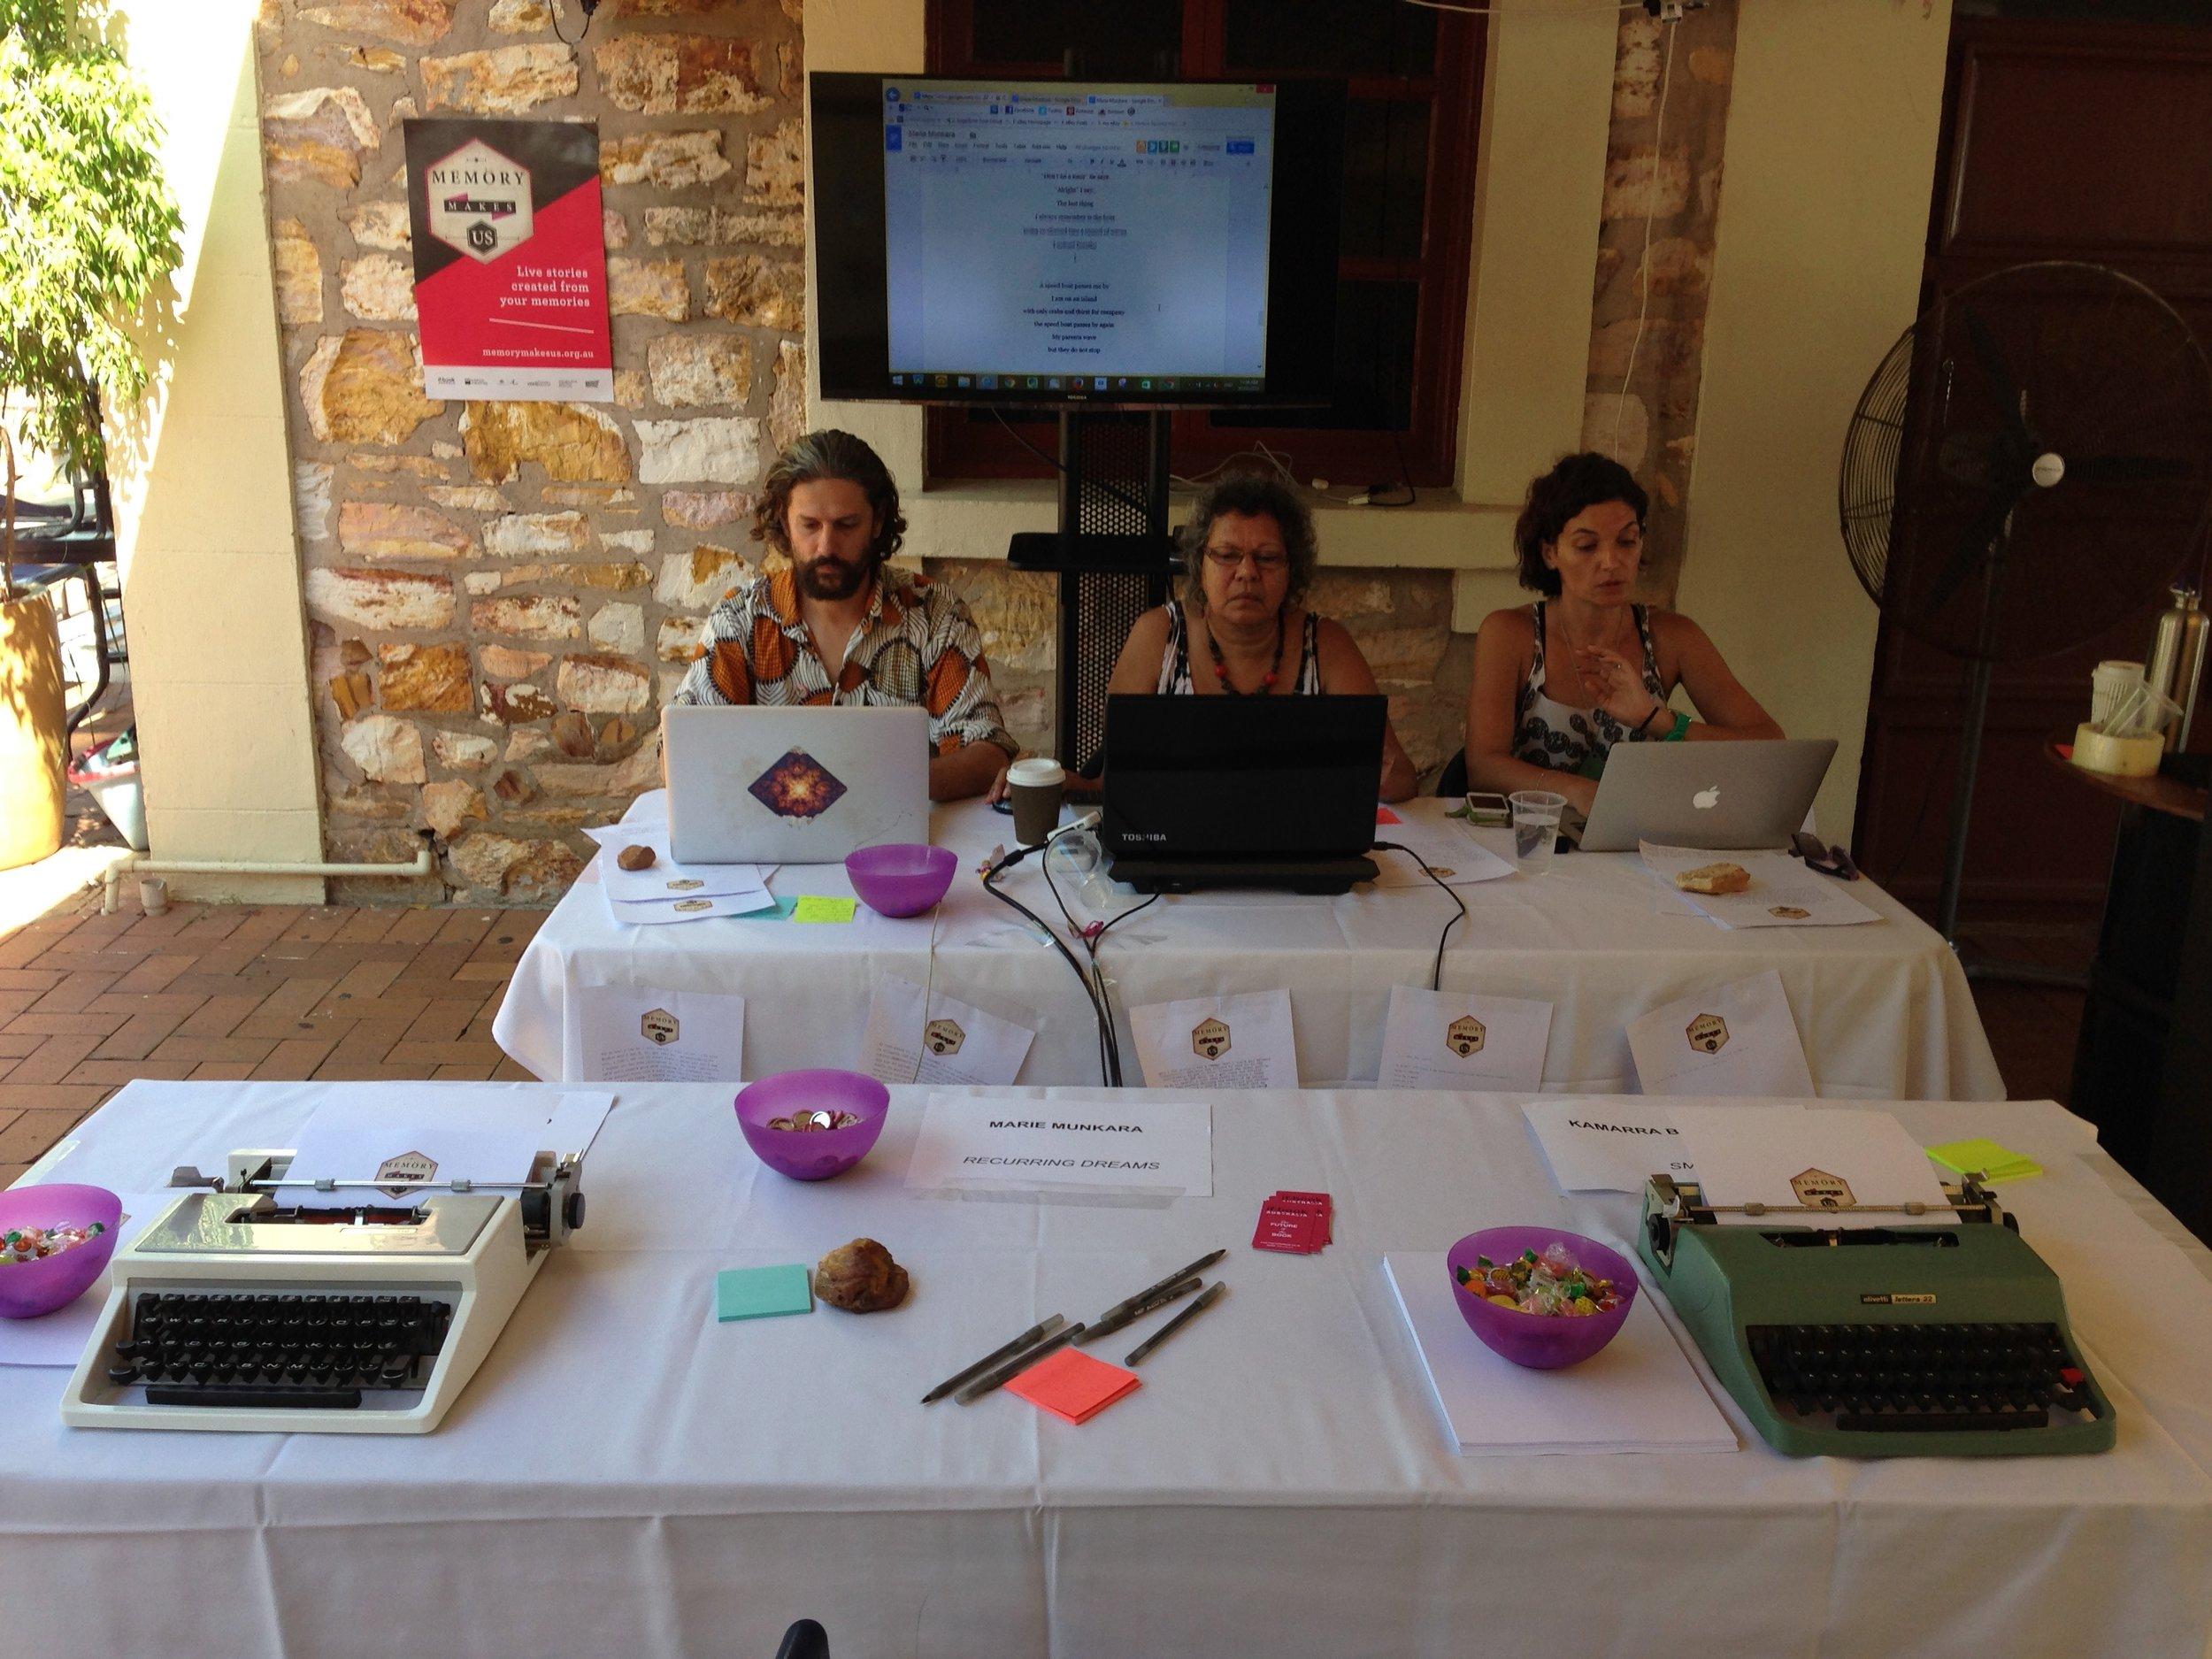 Levin A. Diatschenko, Marie Munkara, & Kamarra Bell-Wykes, May 2014